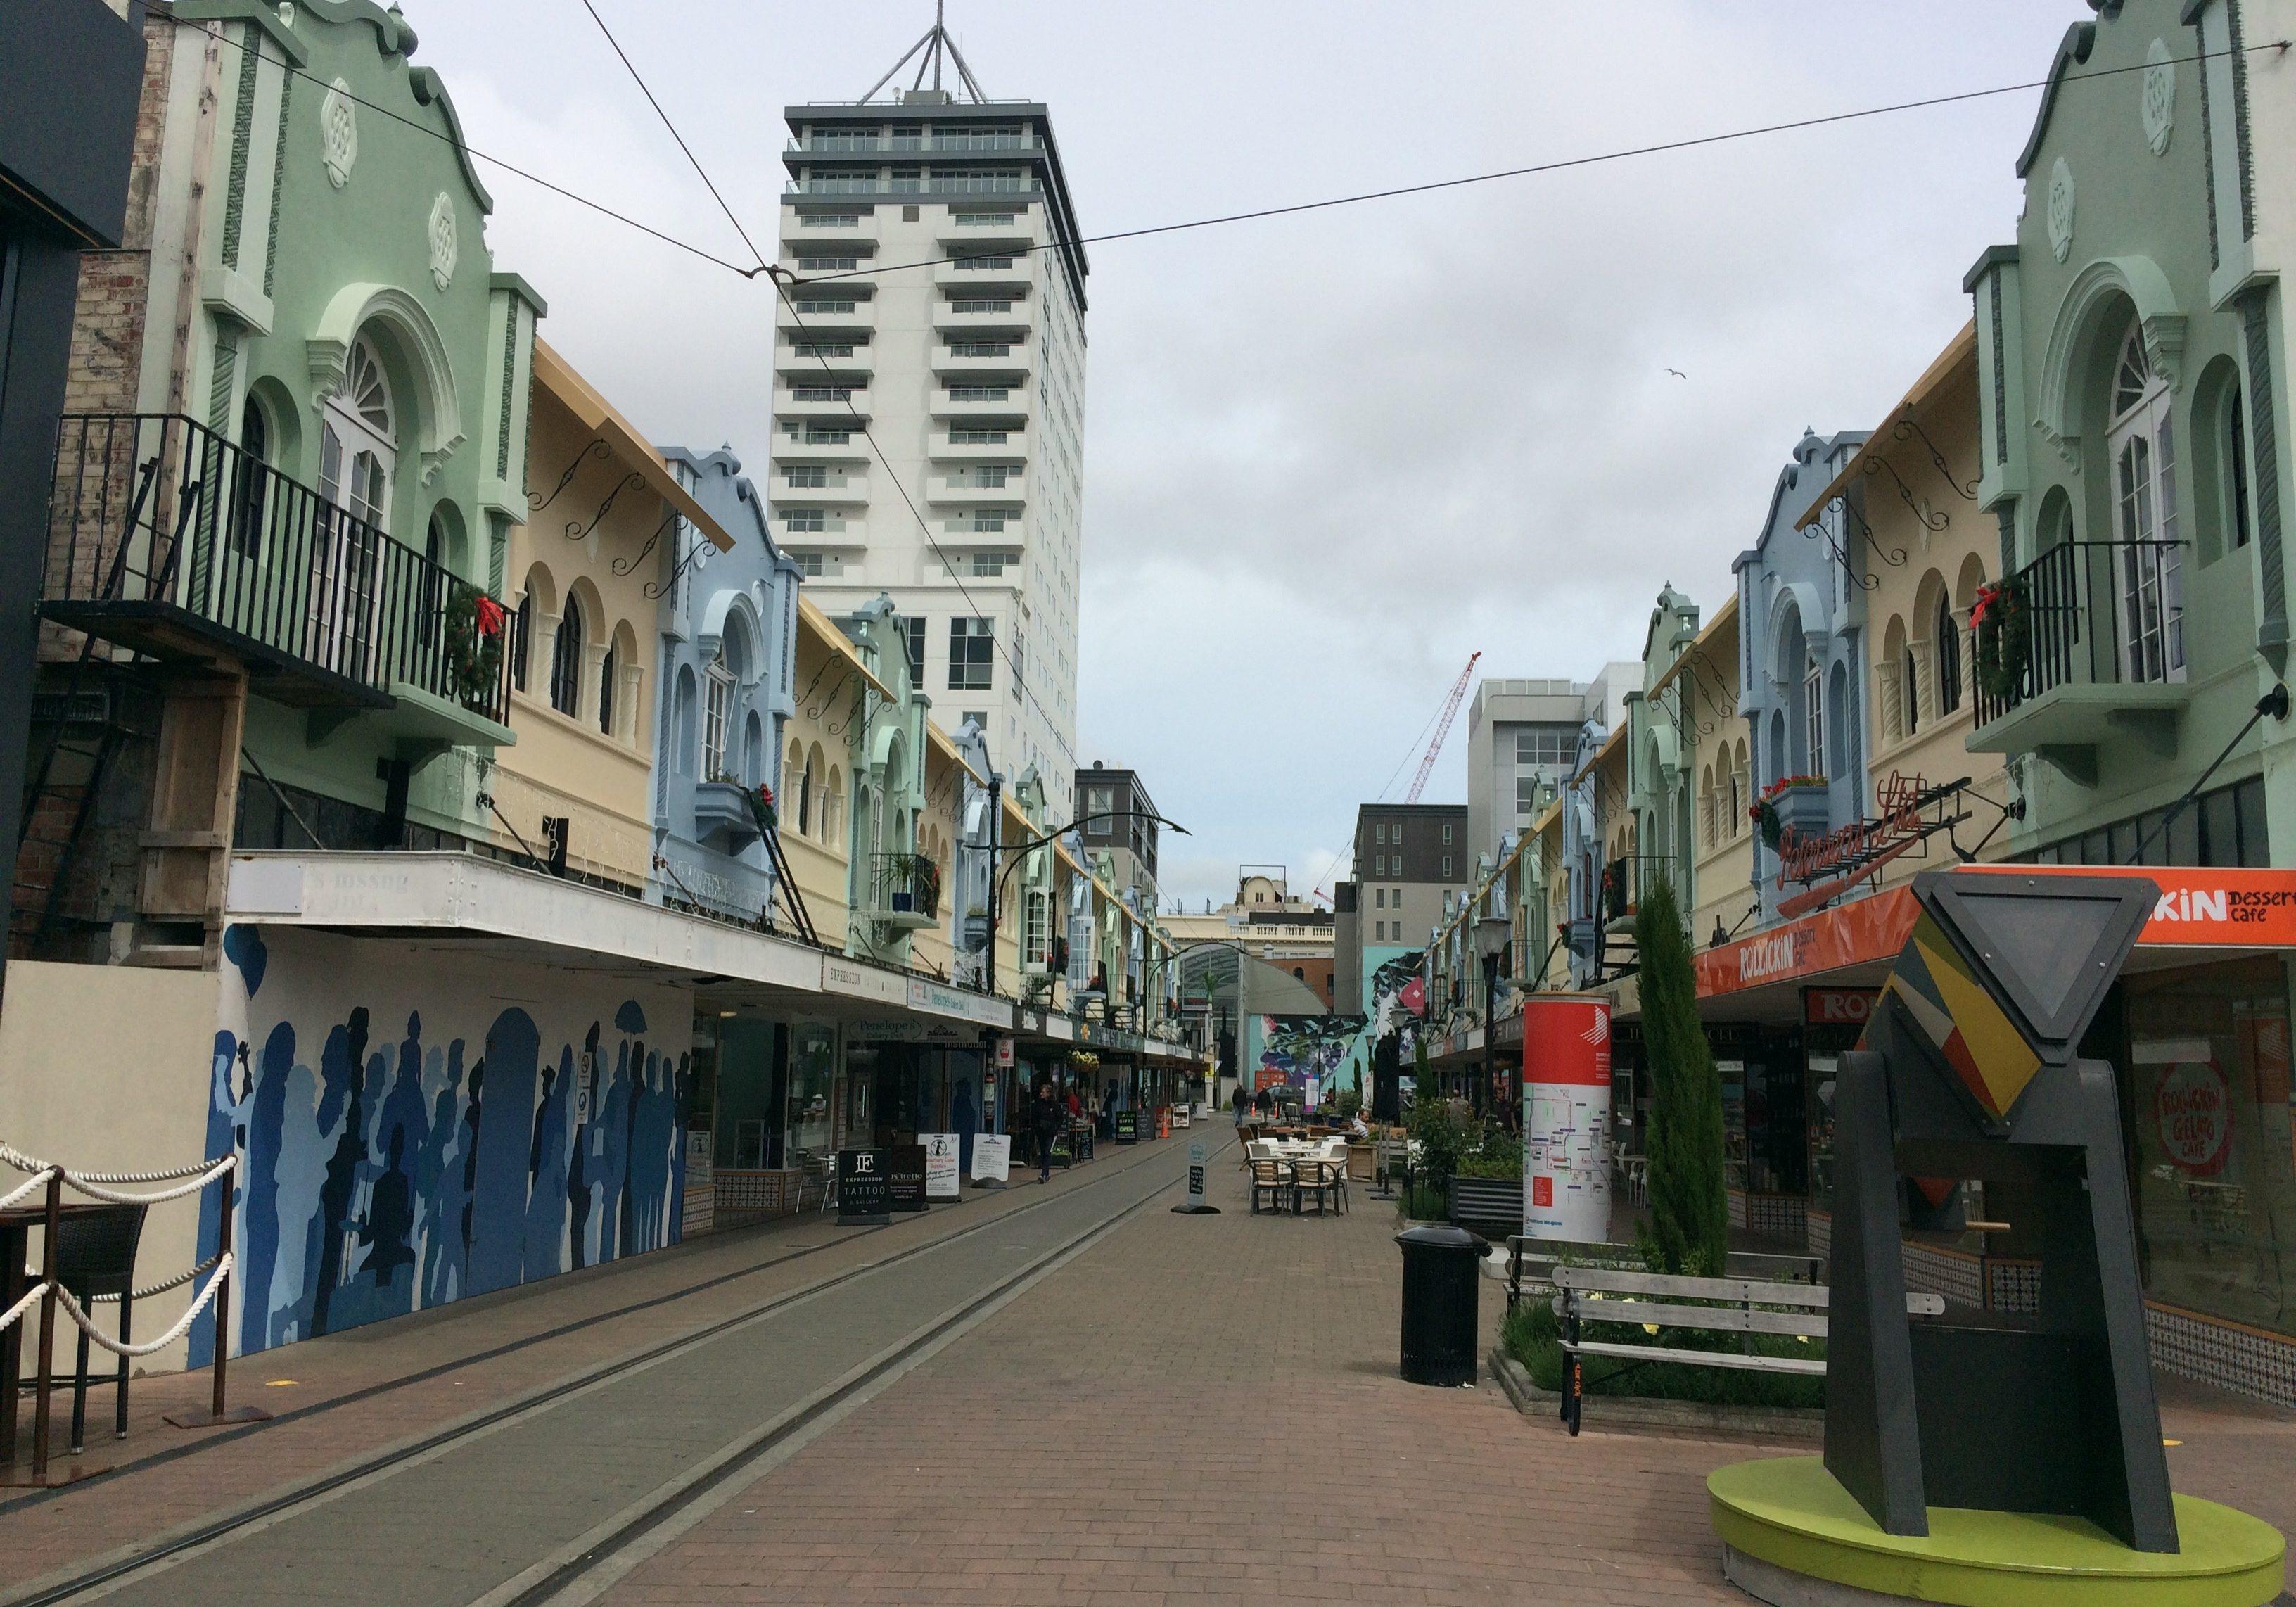 New regent street, christchurch, south island, New Zealand